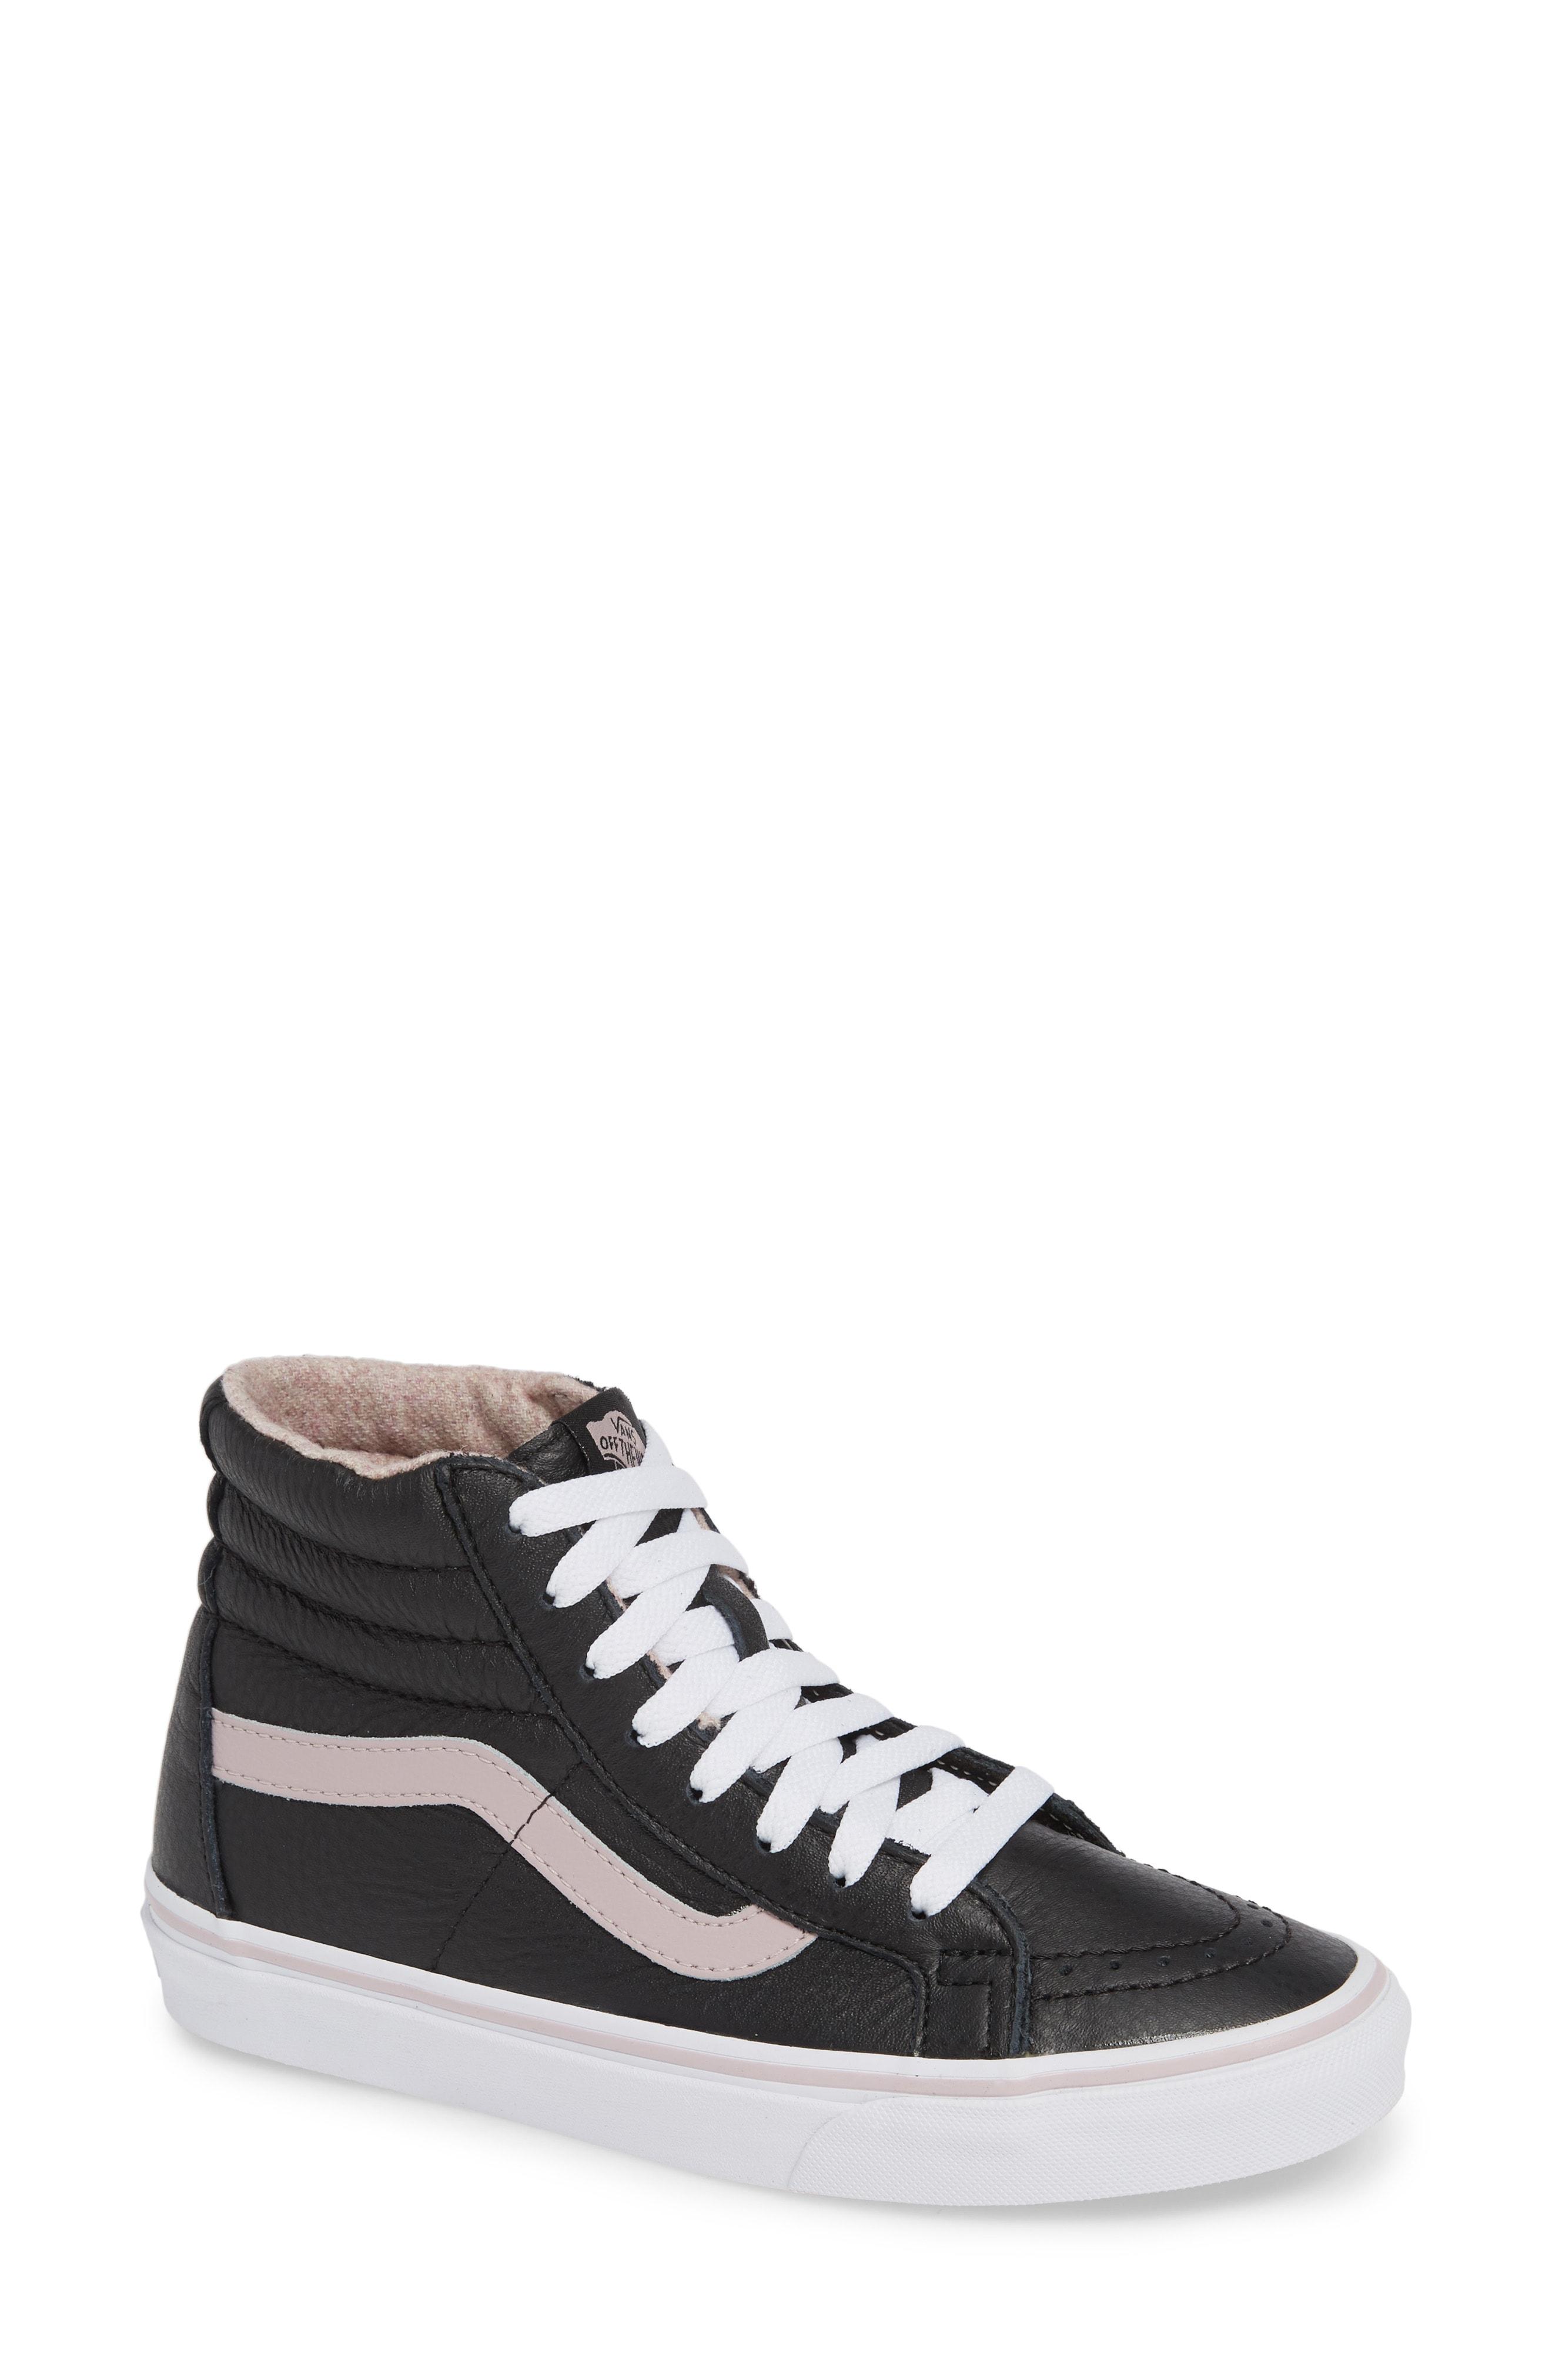 Vans Sk8-Hi Reissue Sneaker (Women)